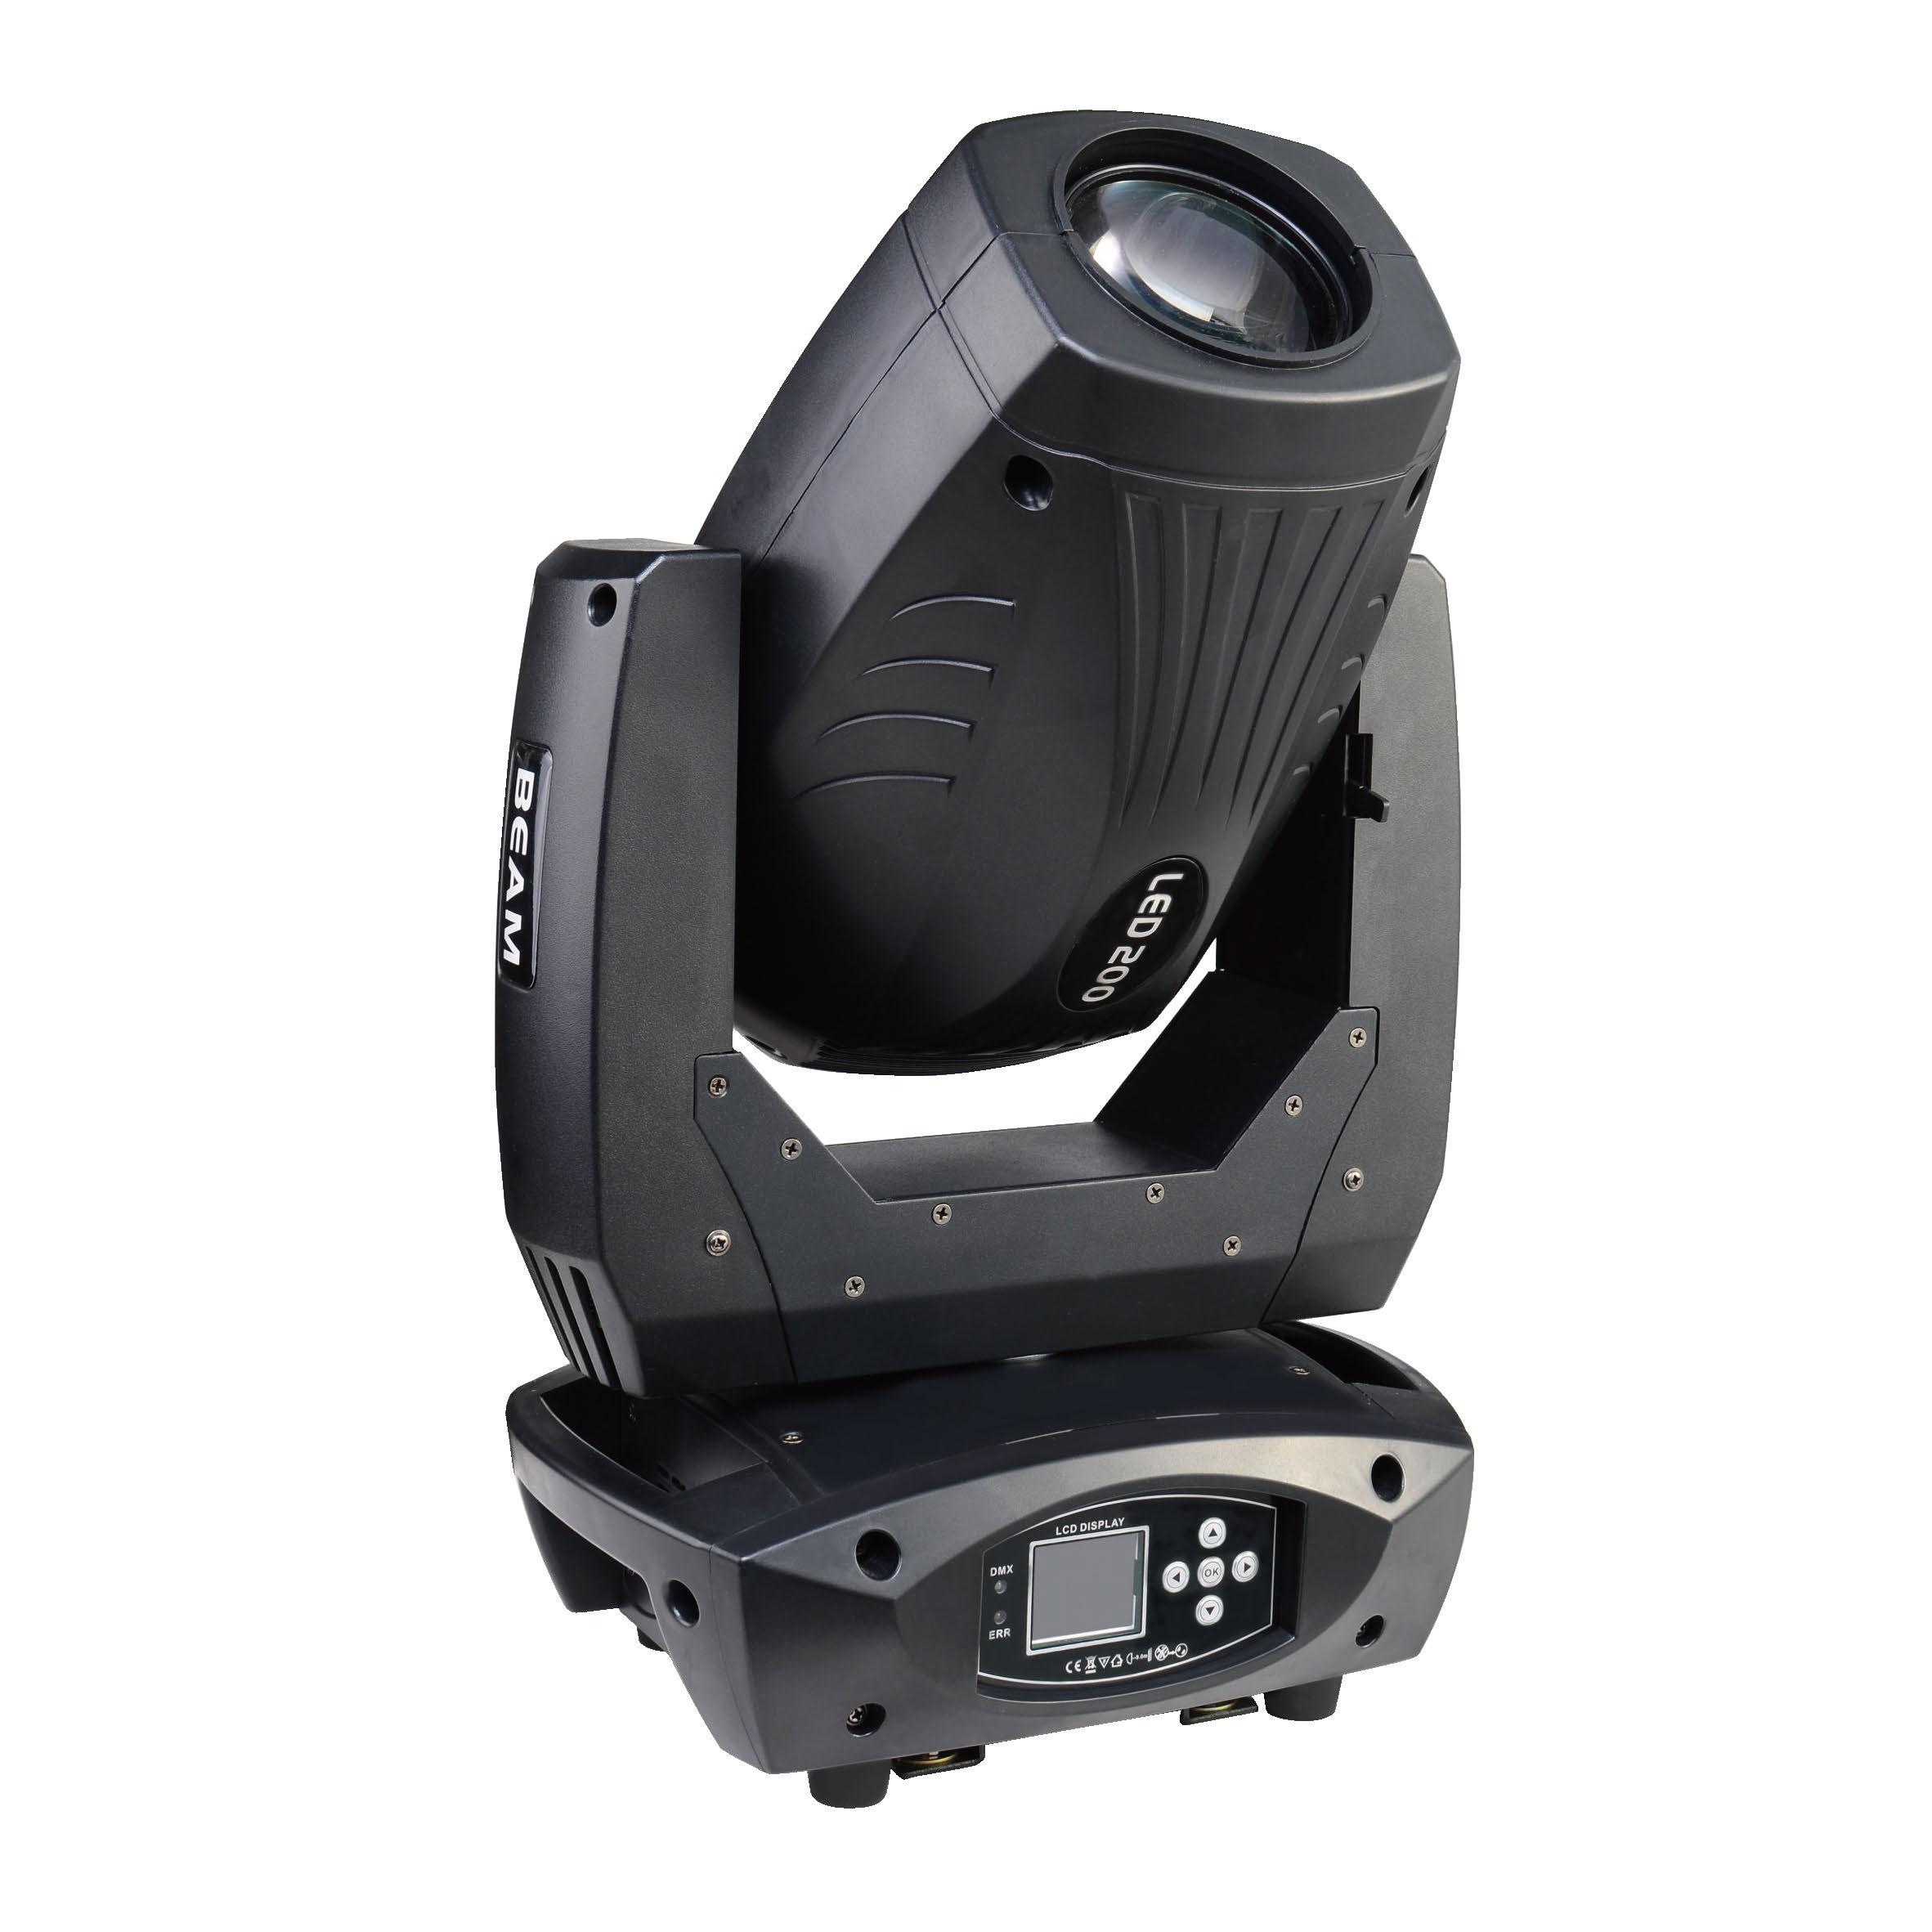 Weinas-LED200     LED三合一摇头灯